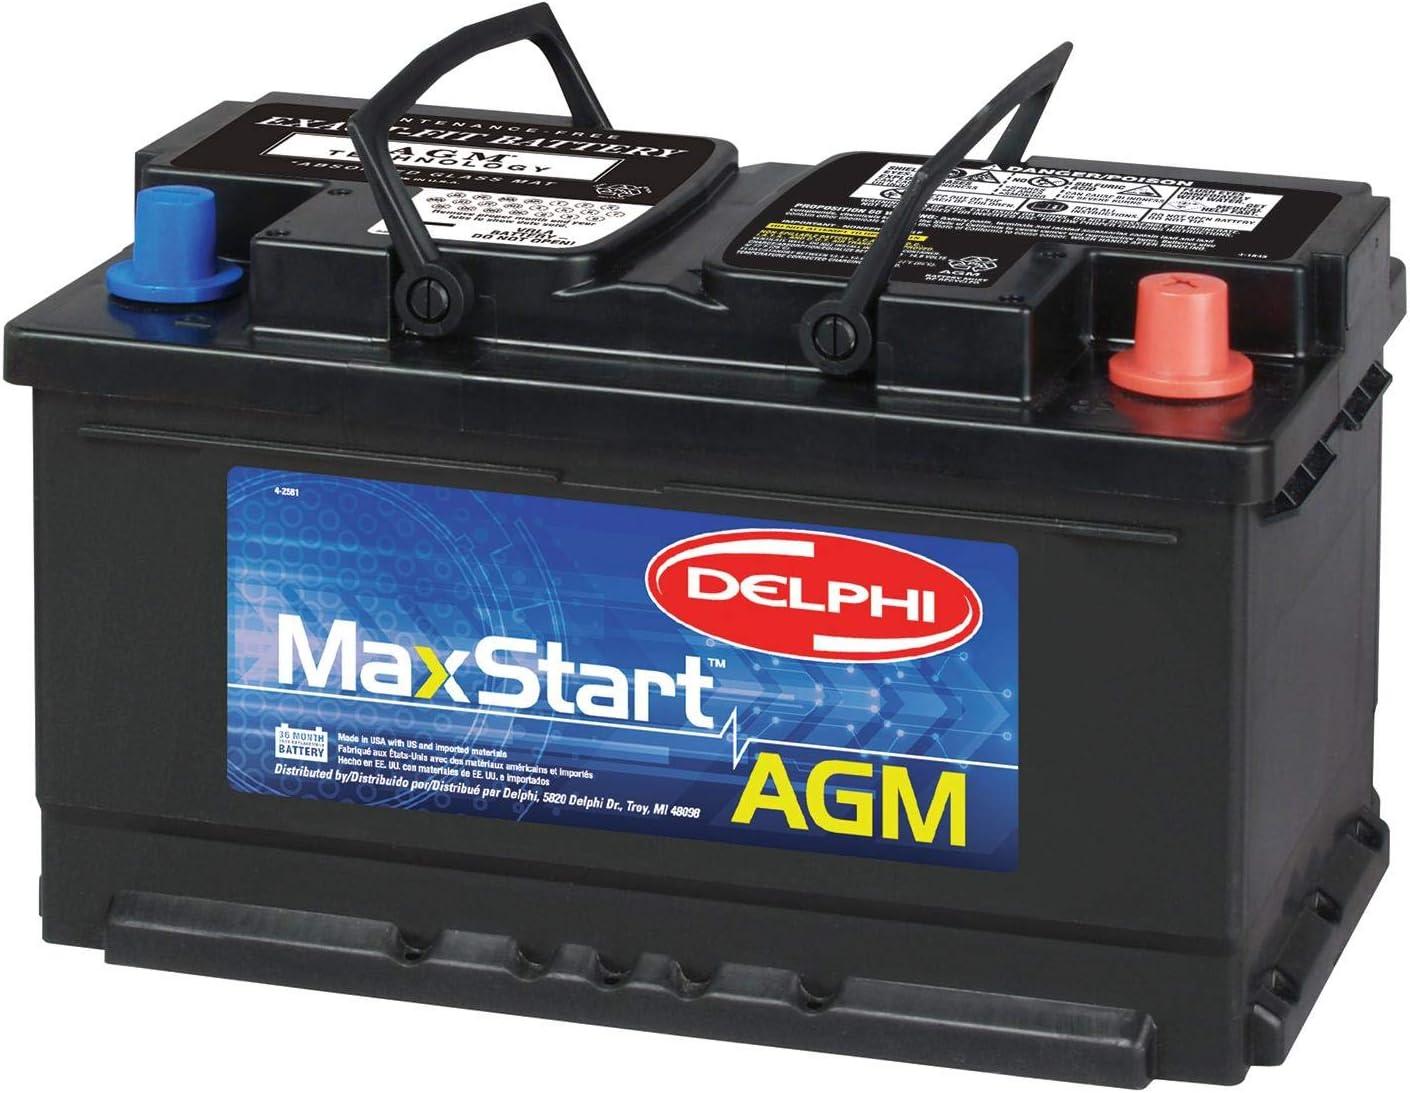 Delphi BU9094R MaxStart AGM Premium Automotive Battery, Group Size 94R...